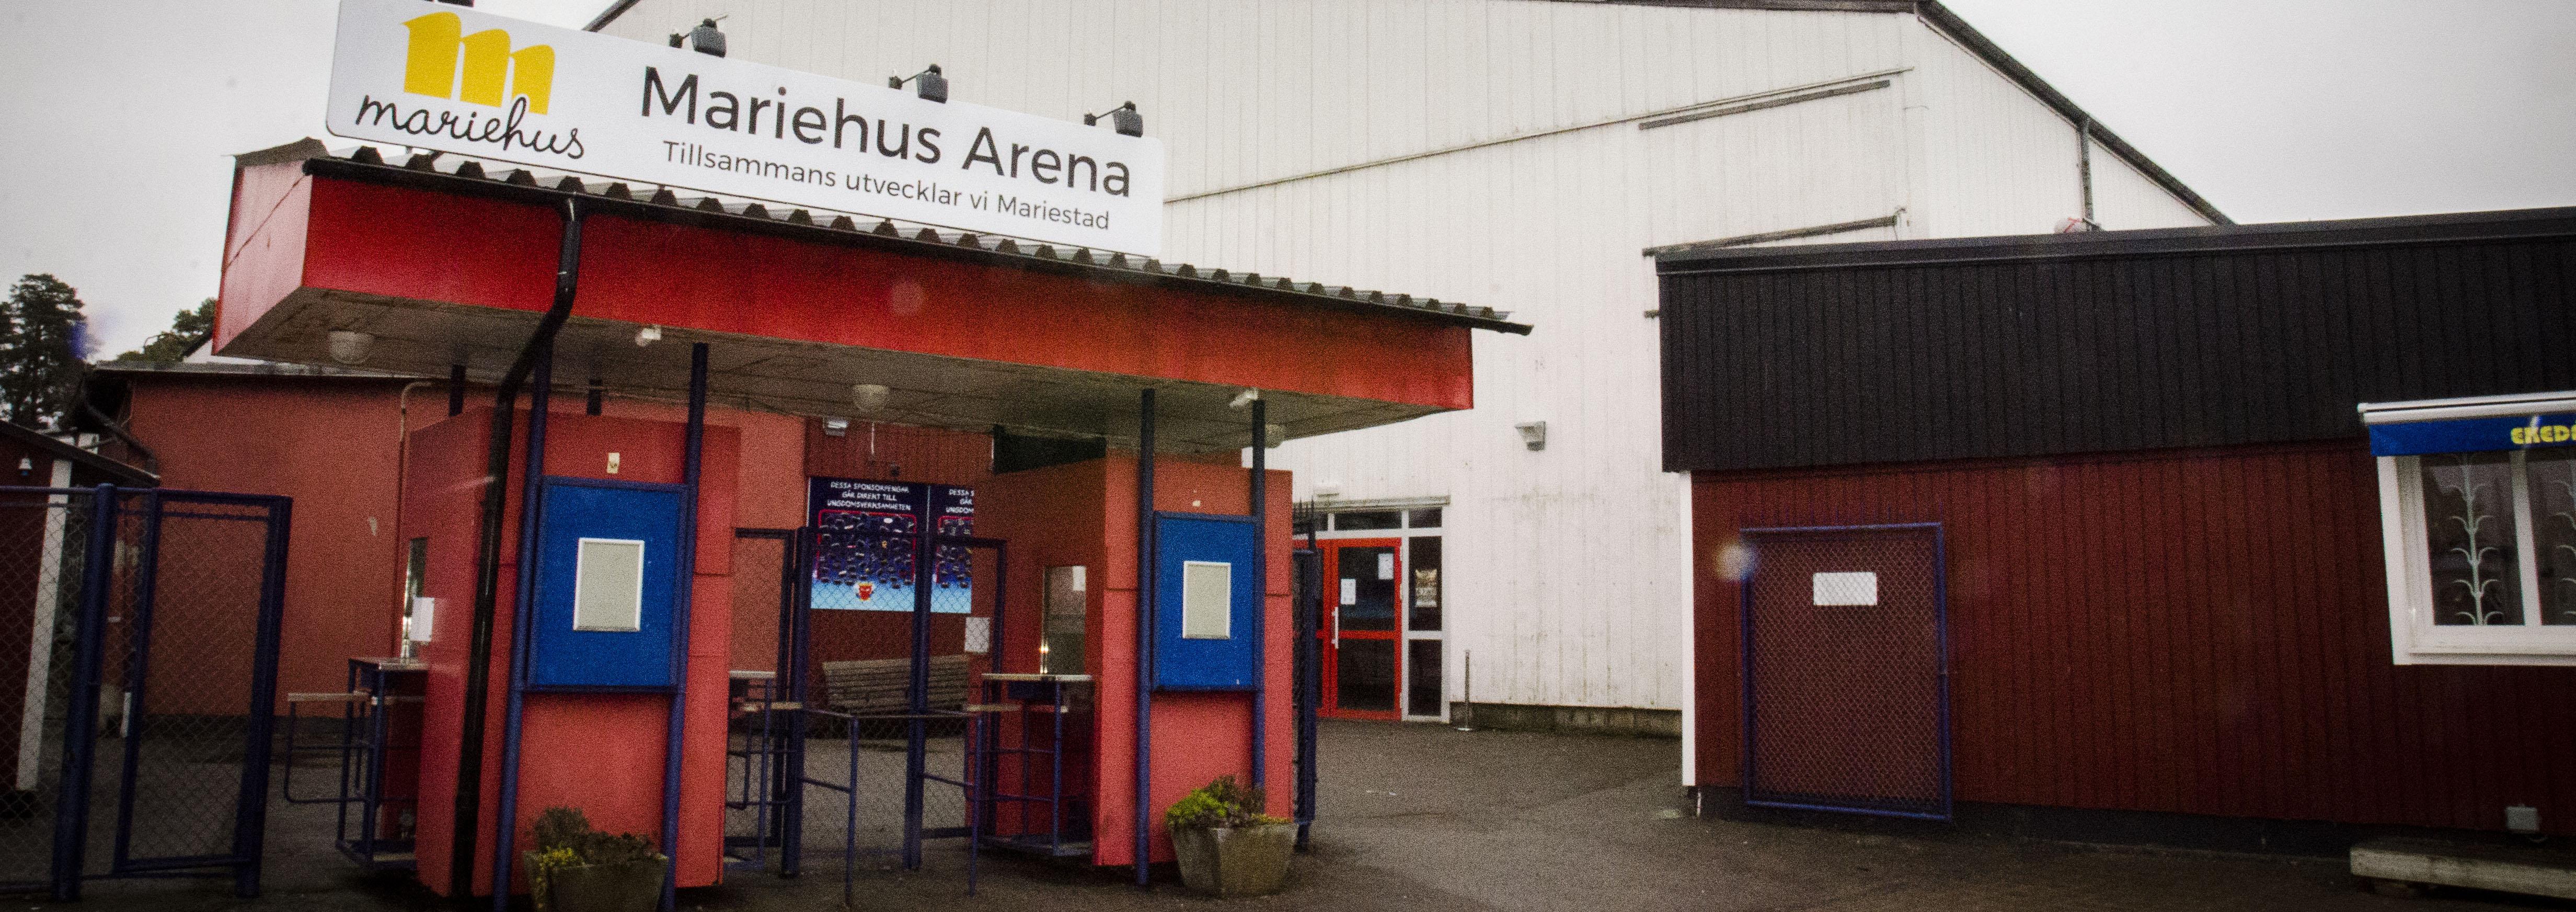 ec7ddb0e38b2 Mariehus sponsring av Bois Hockey har väckt debatt. Fredrik Marcusson har  varit förtroendevald för Hyresgästföreningen i 20 år.